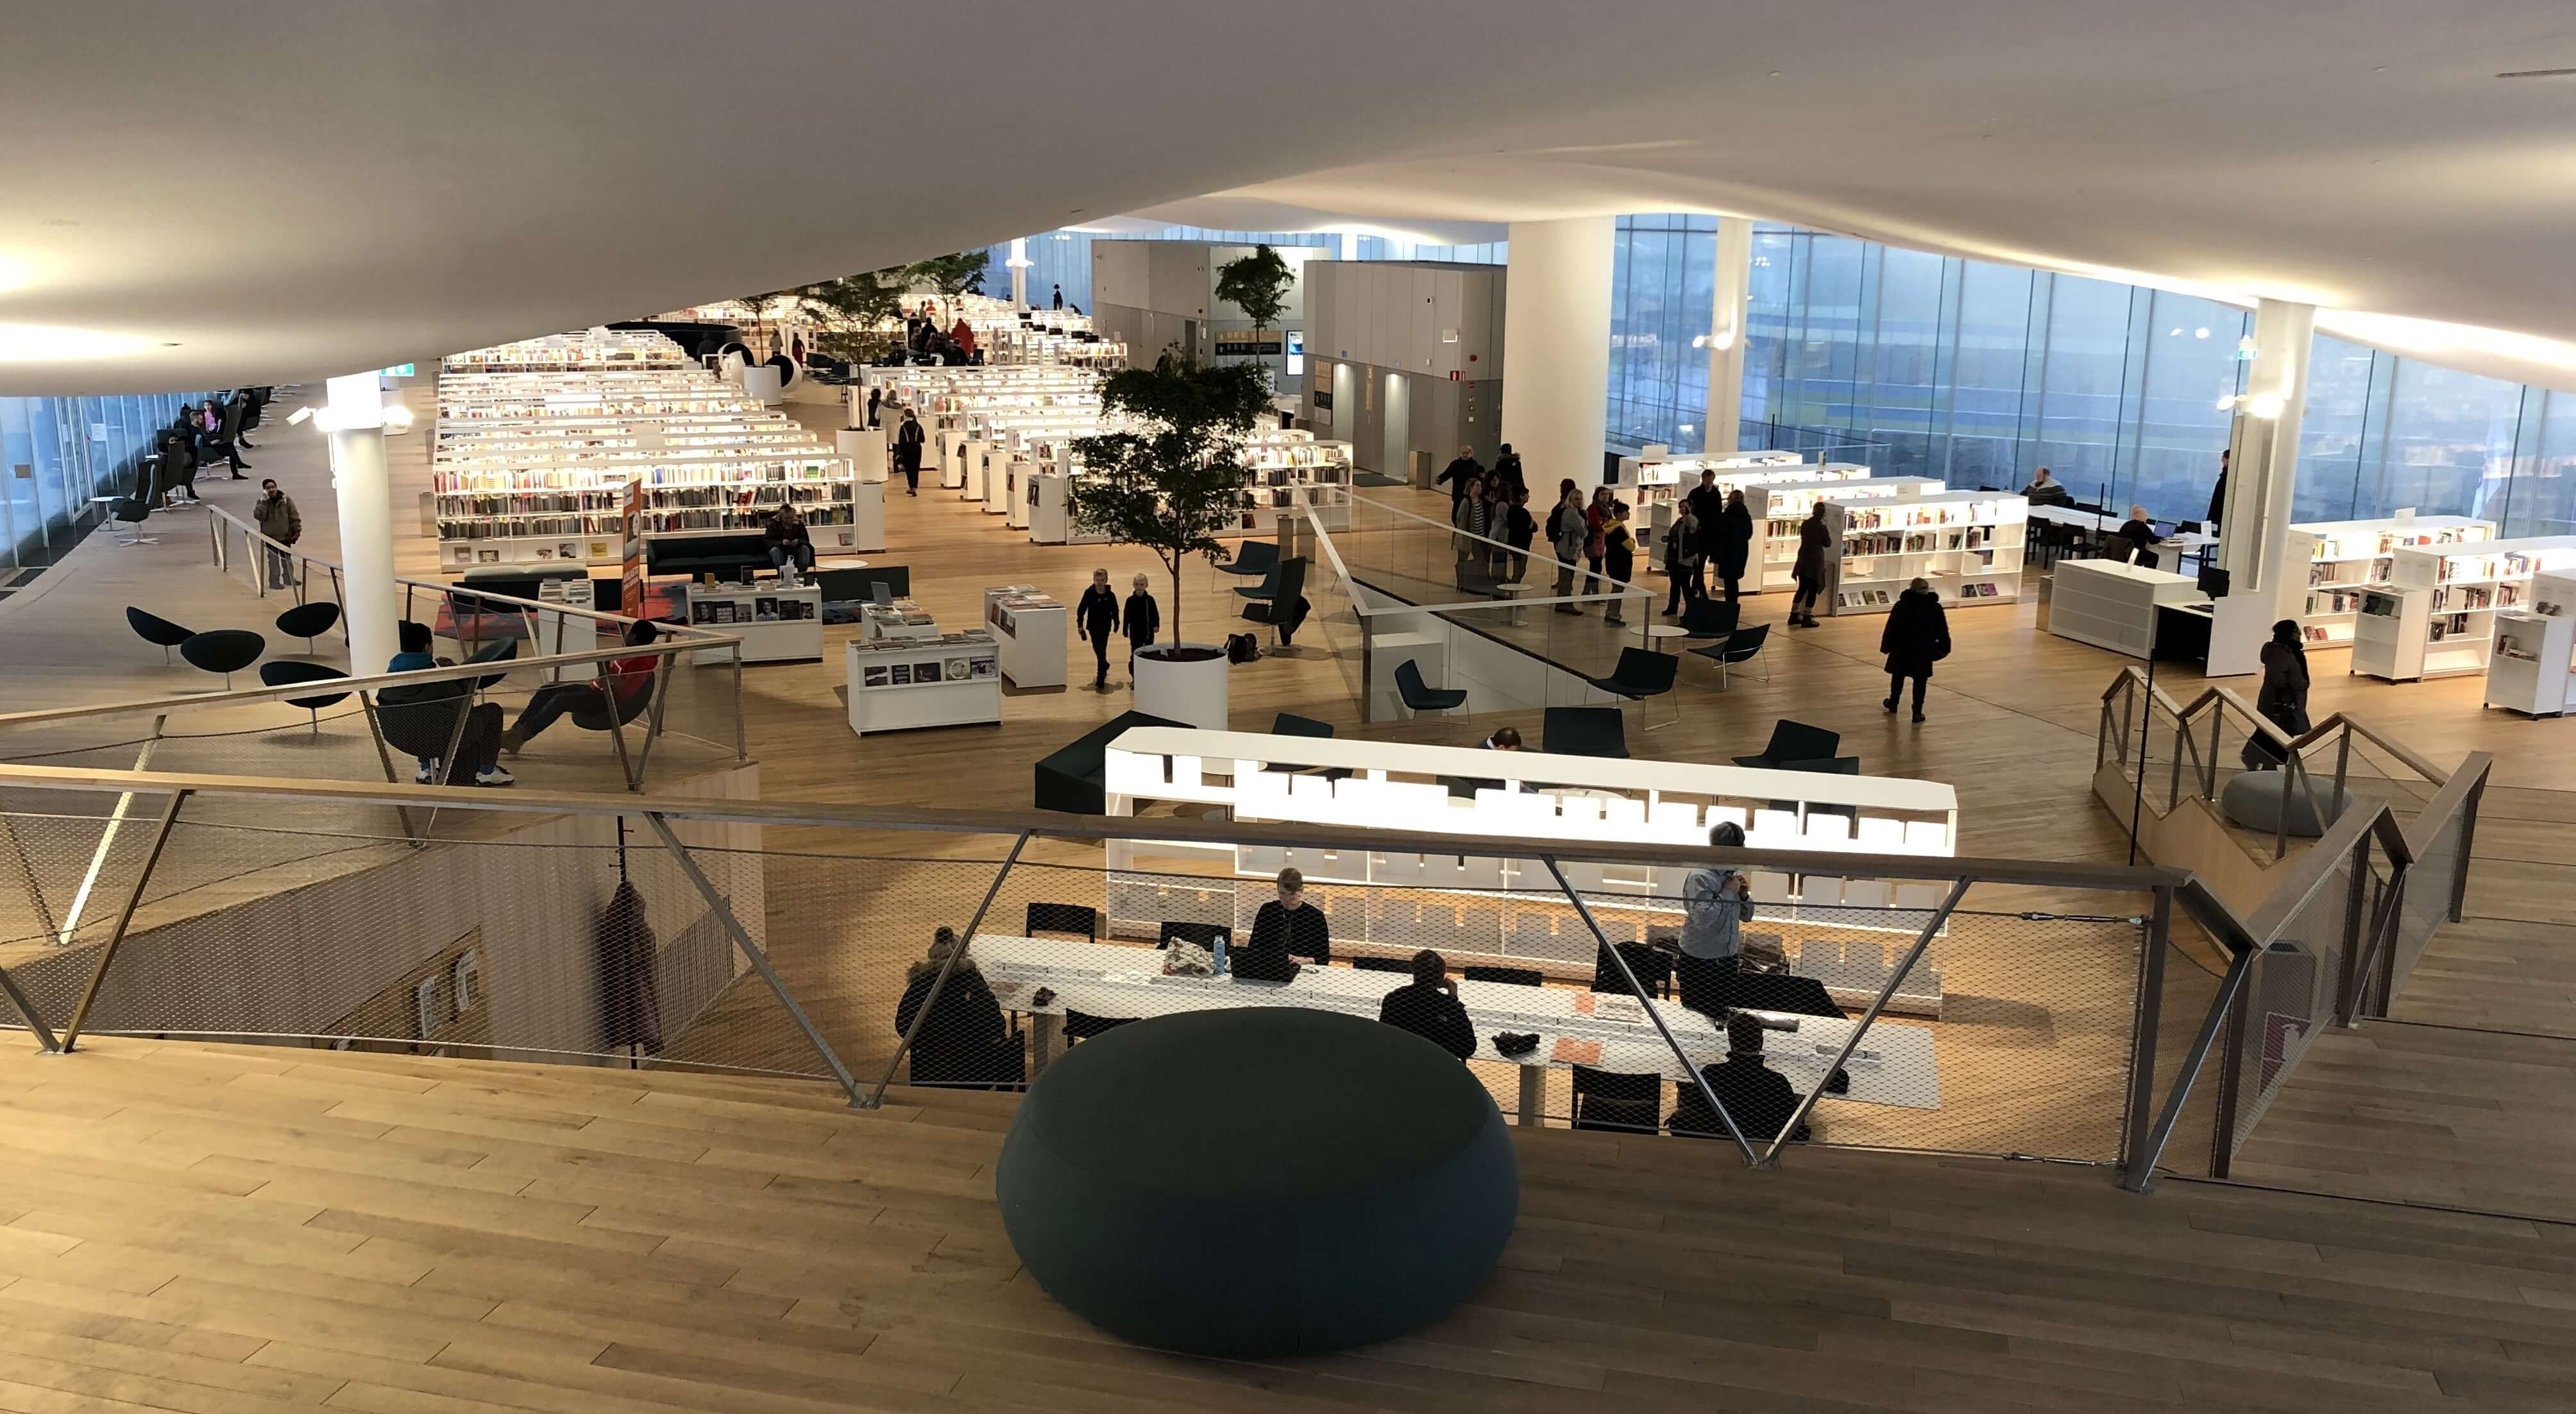 図書館3階の外観。両端が坂状になっており、中央部分が一望できる作りだ